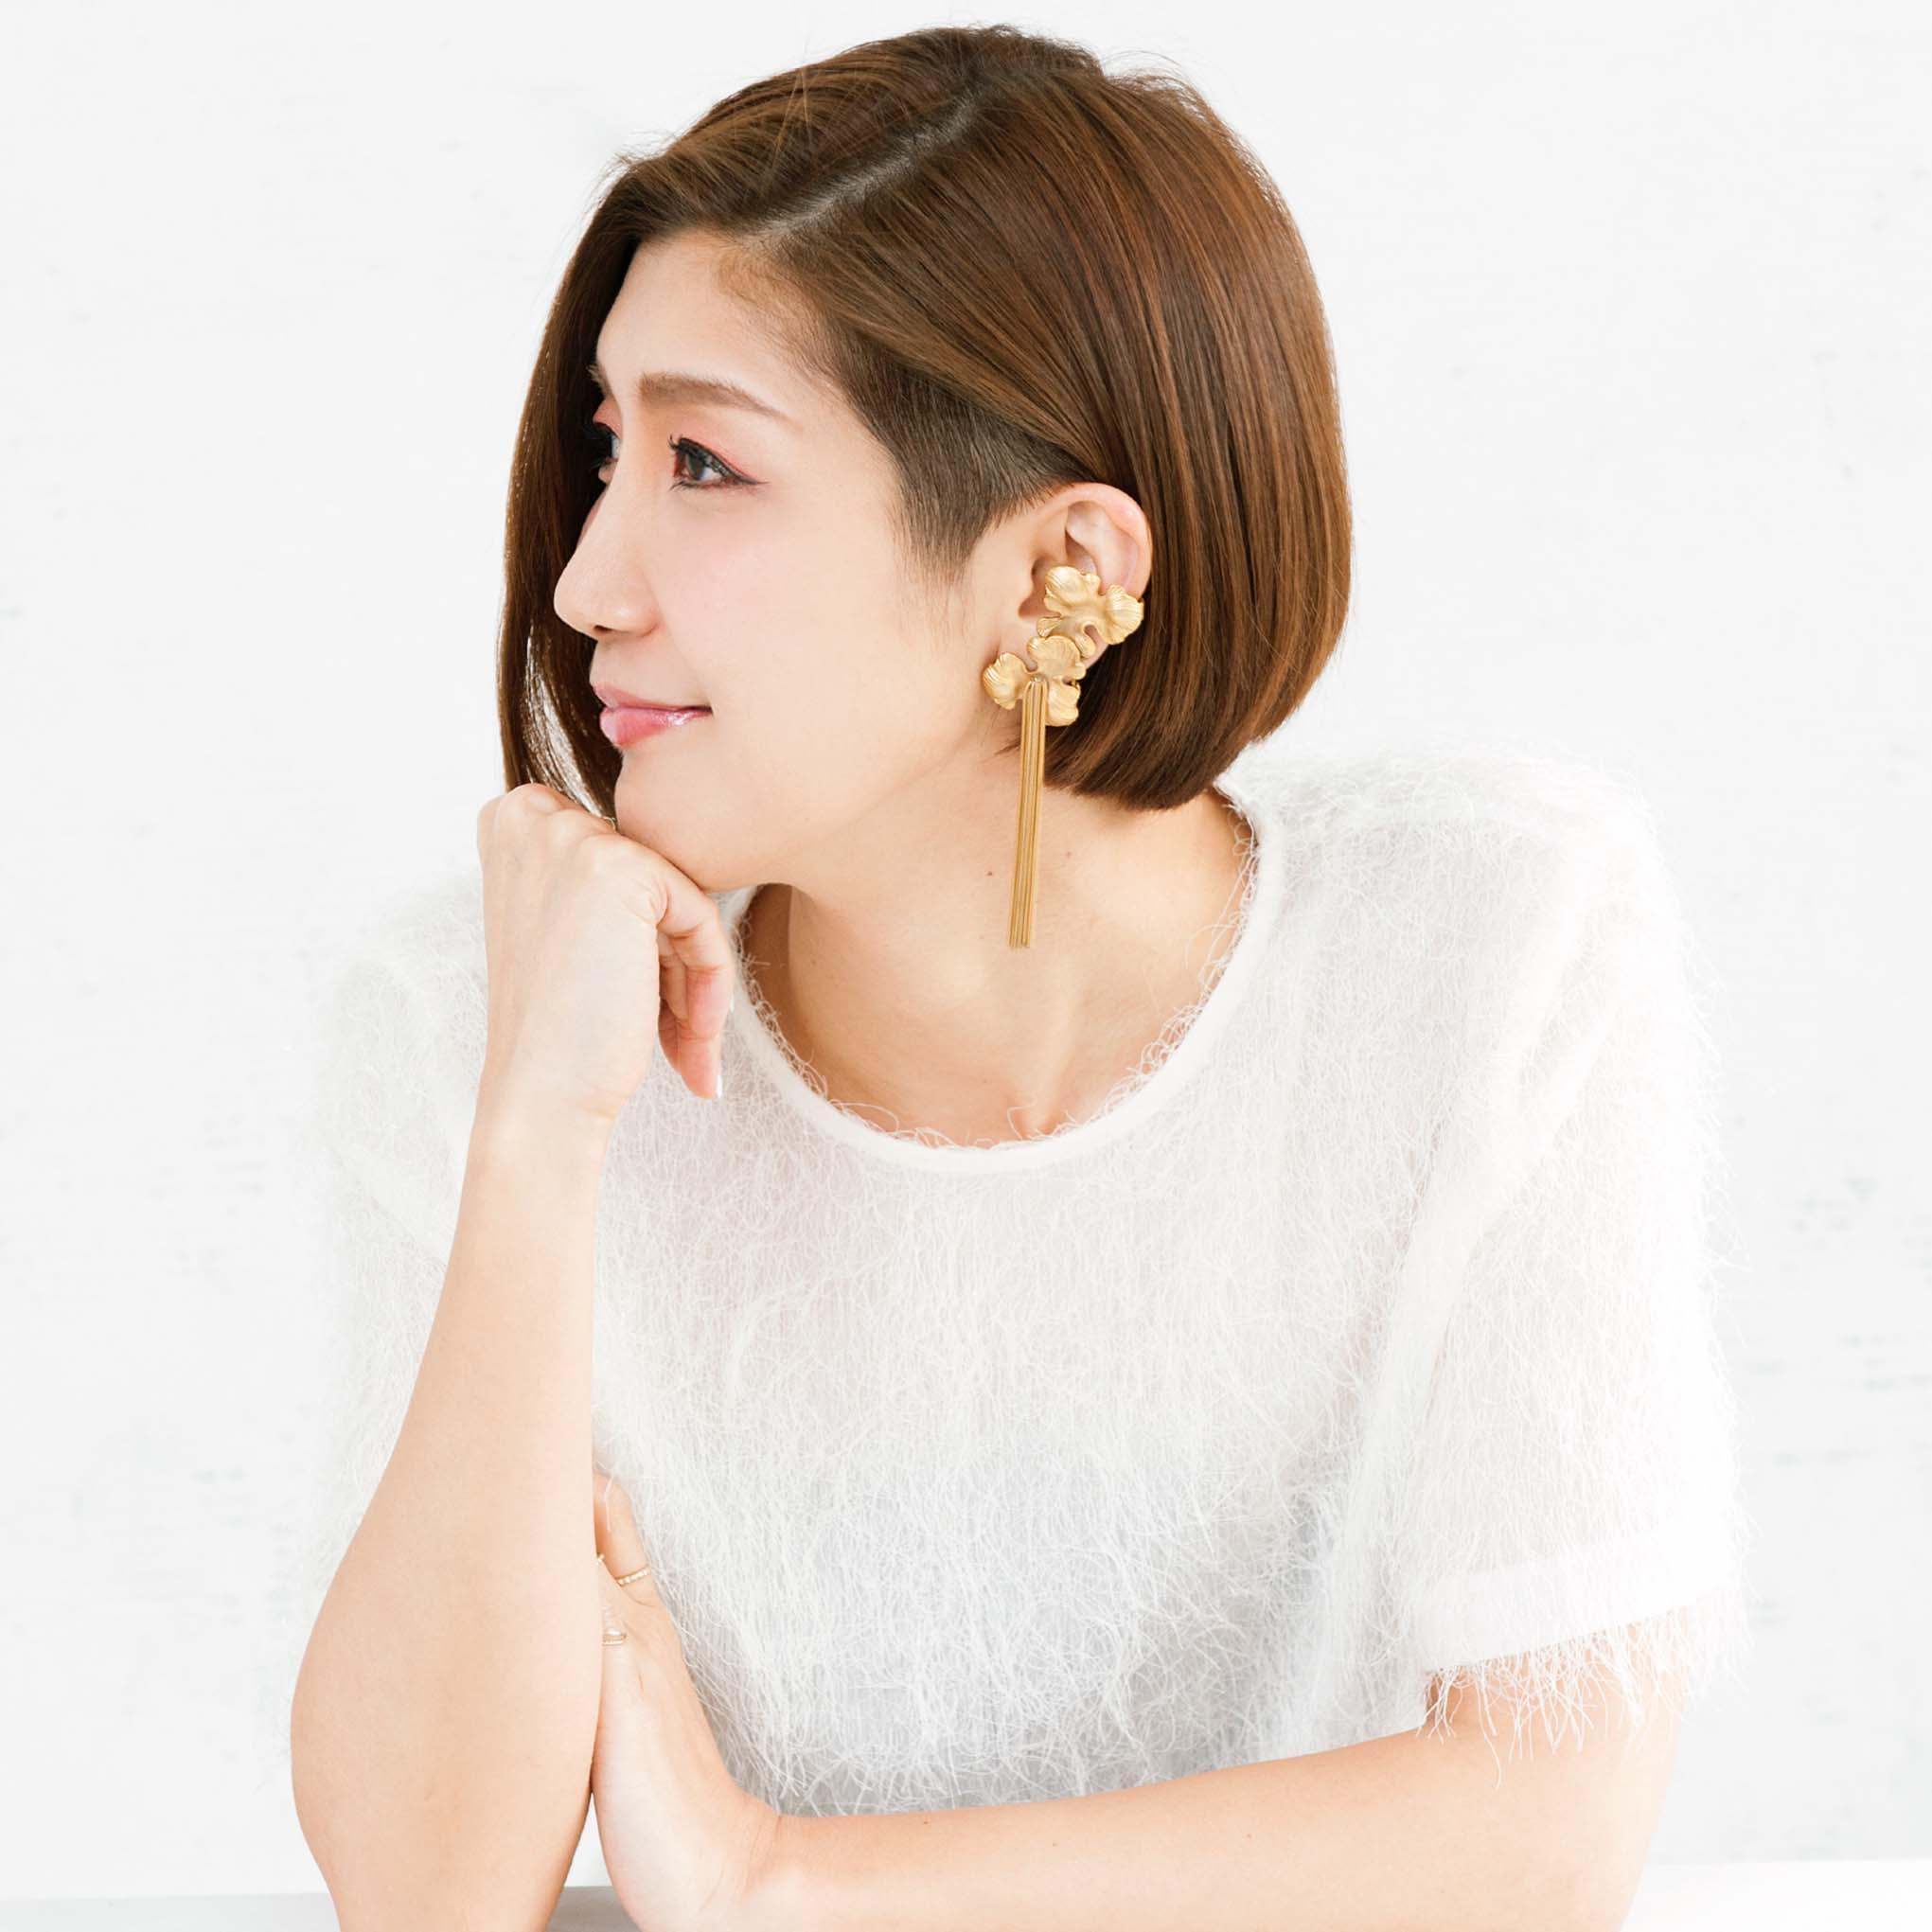 遠藤さん顔写真